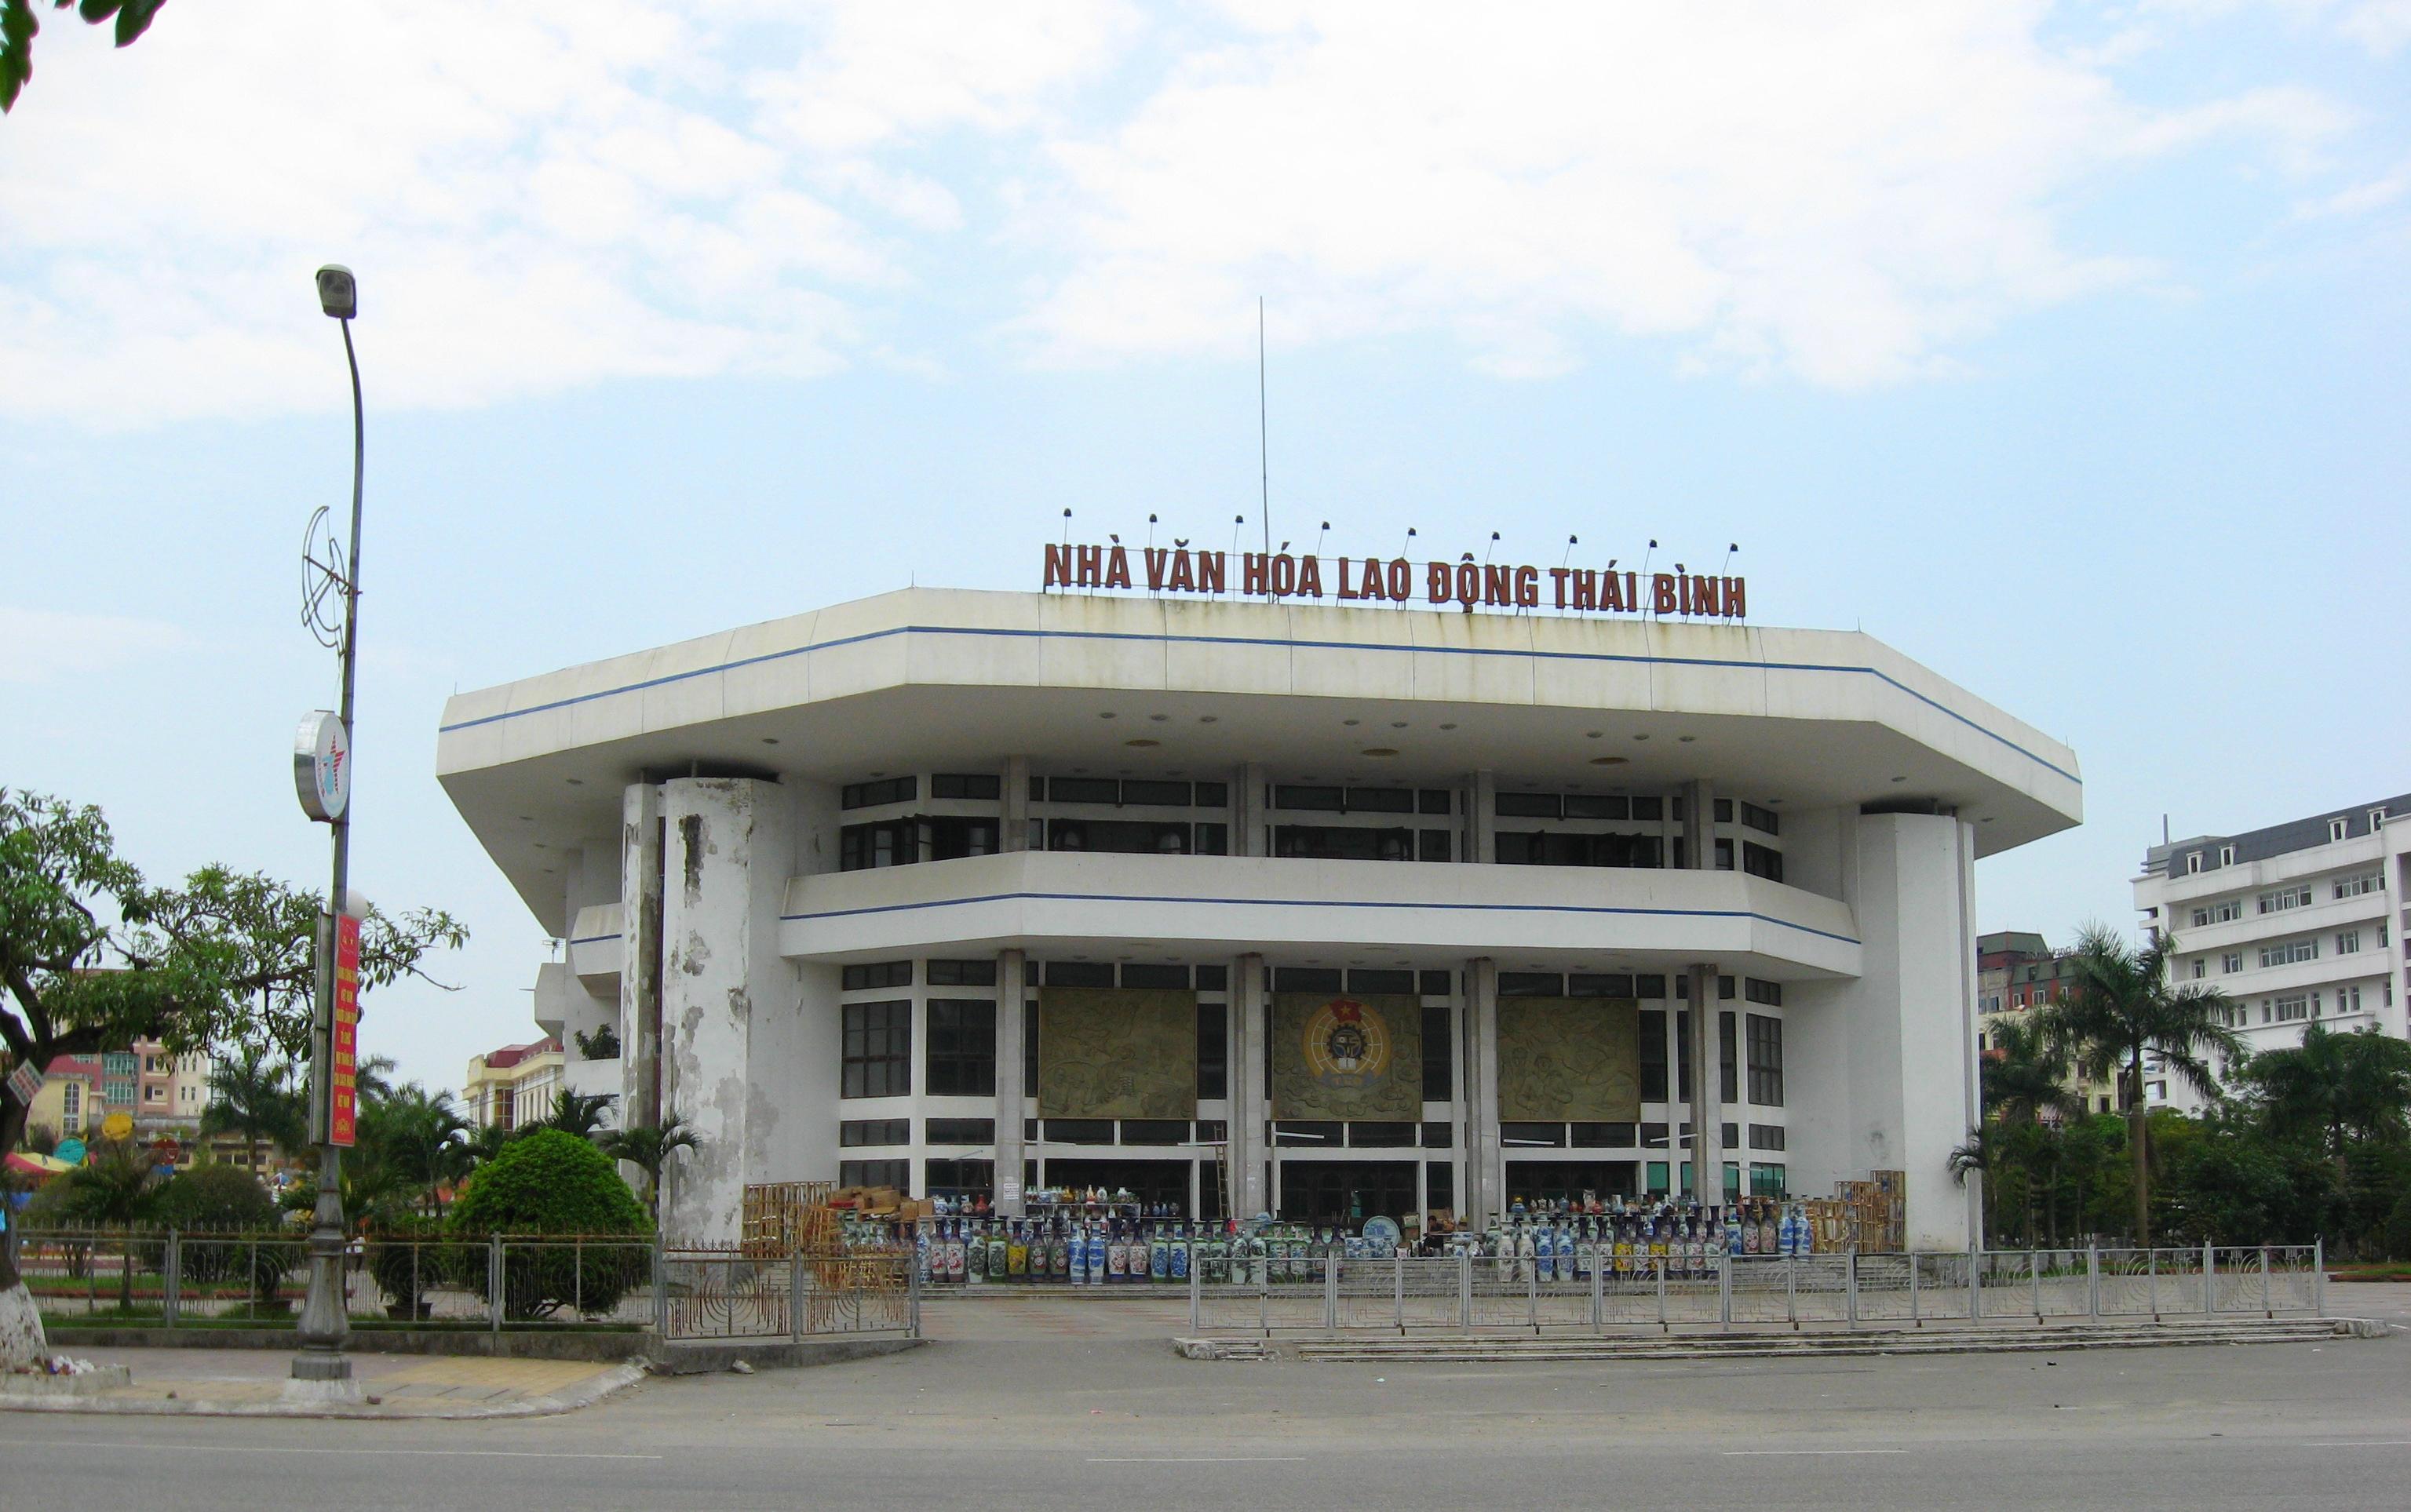 Bán nhớt Voltronic giá rẻ tại Thái Bình